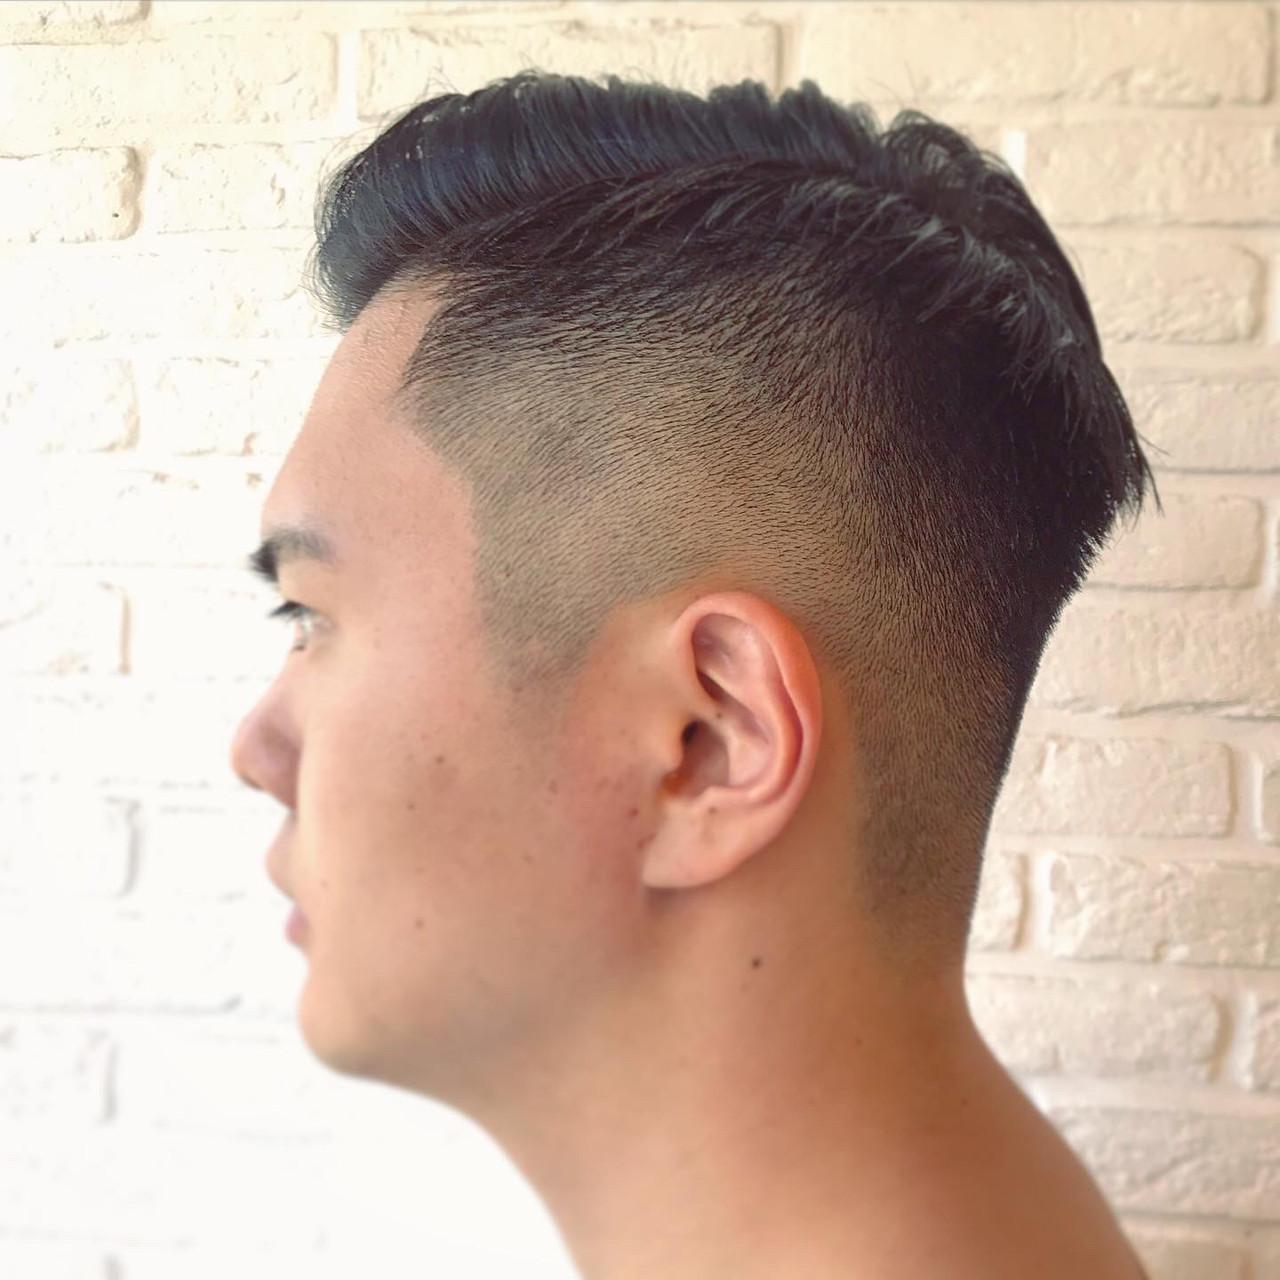 スキンフェード ストリート メンズショート メンズヘア ヘアスタイルや髪型の写真・画像